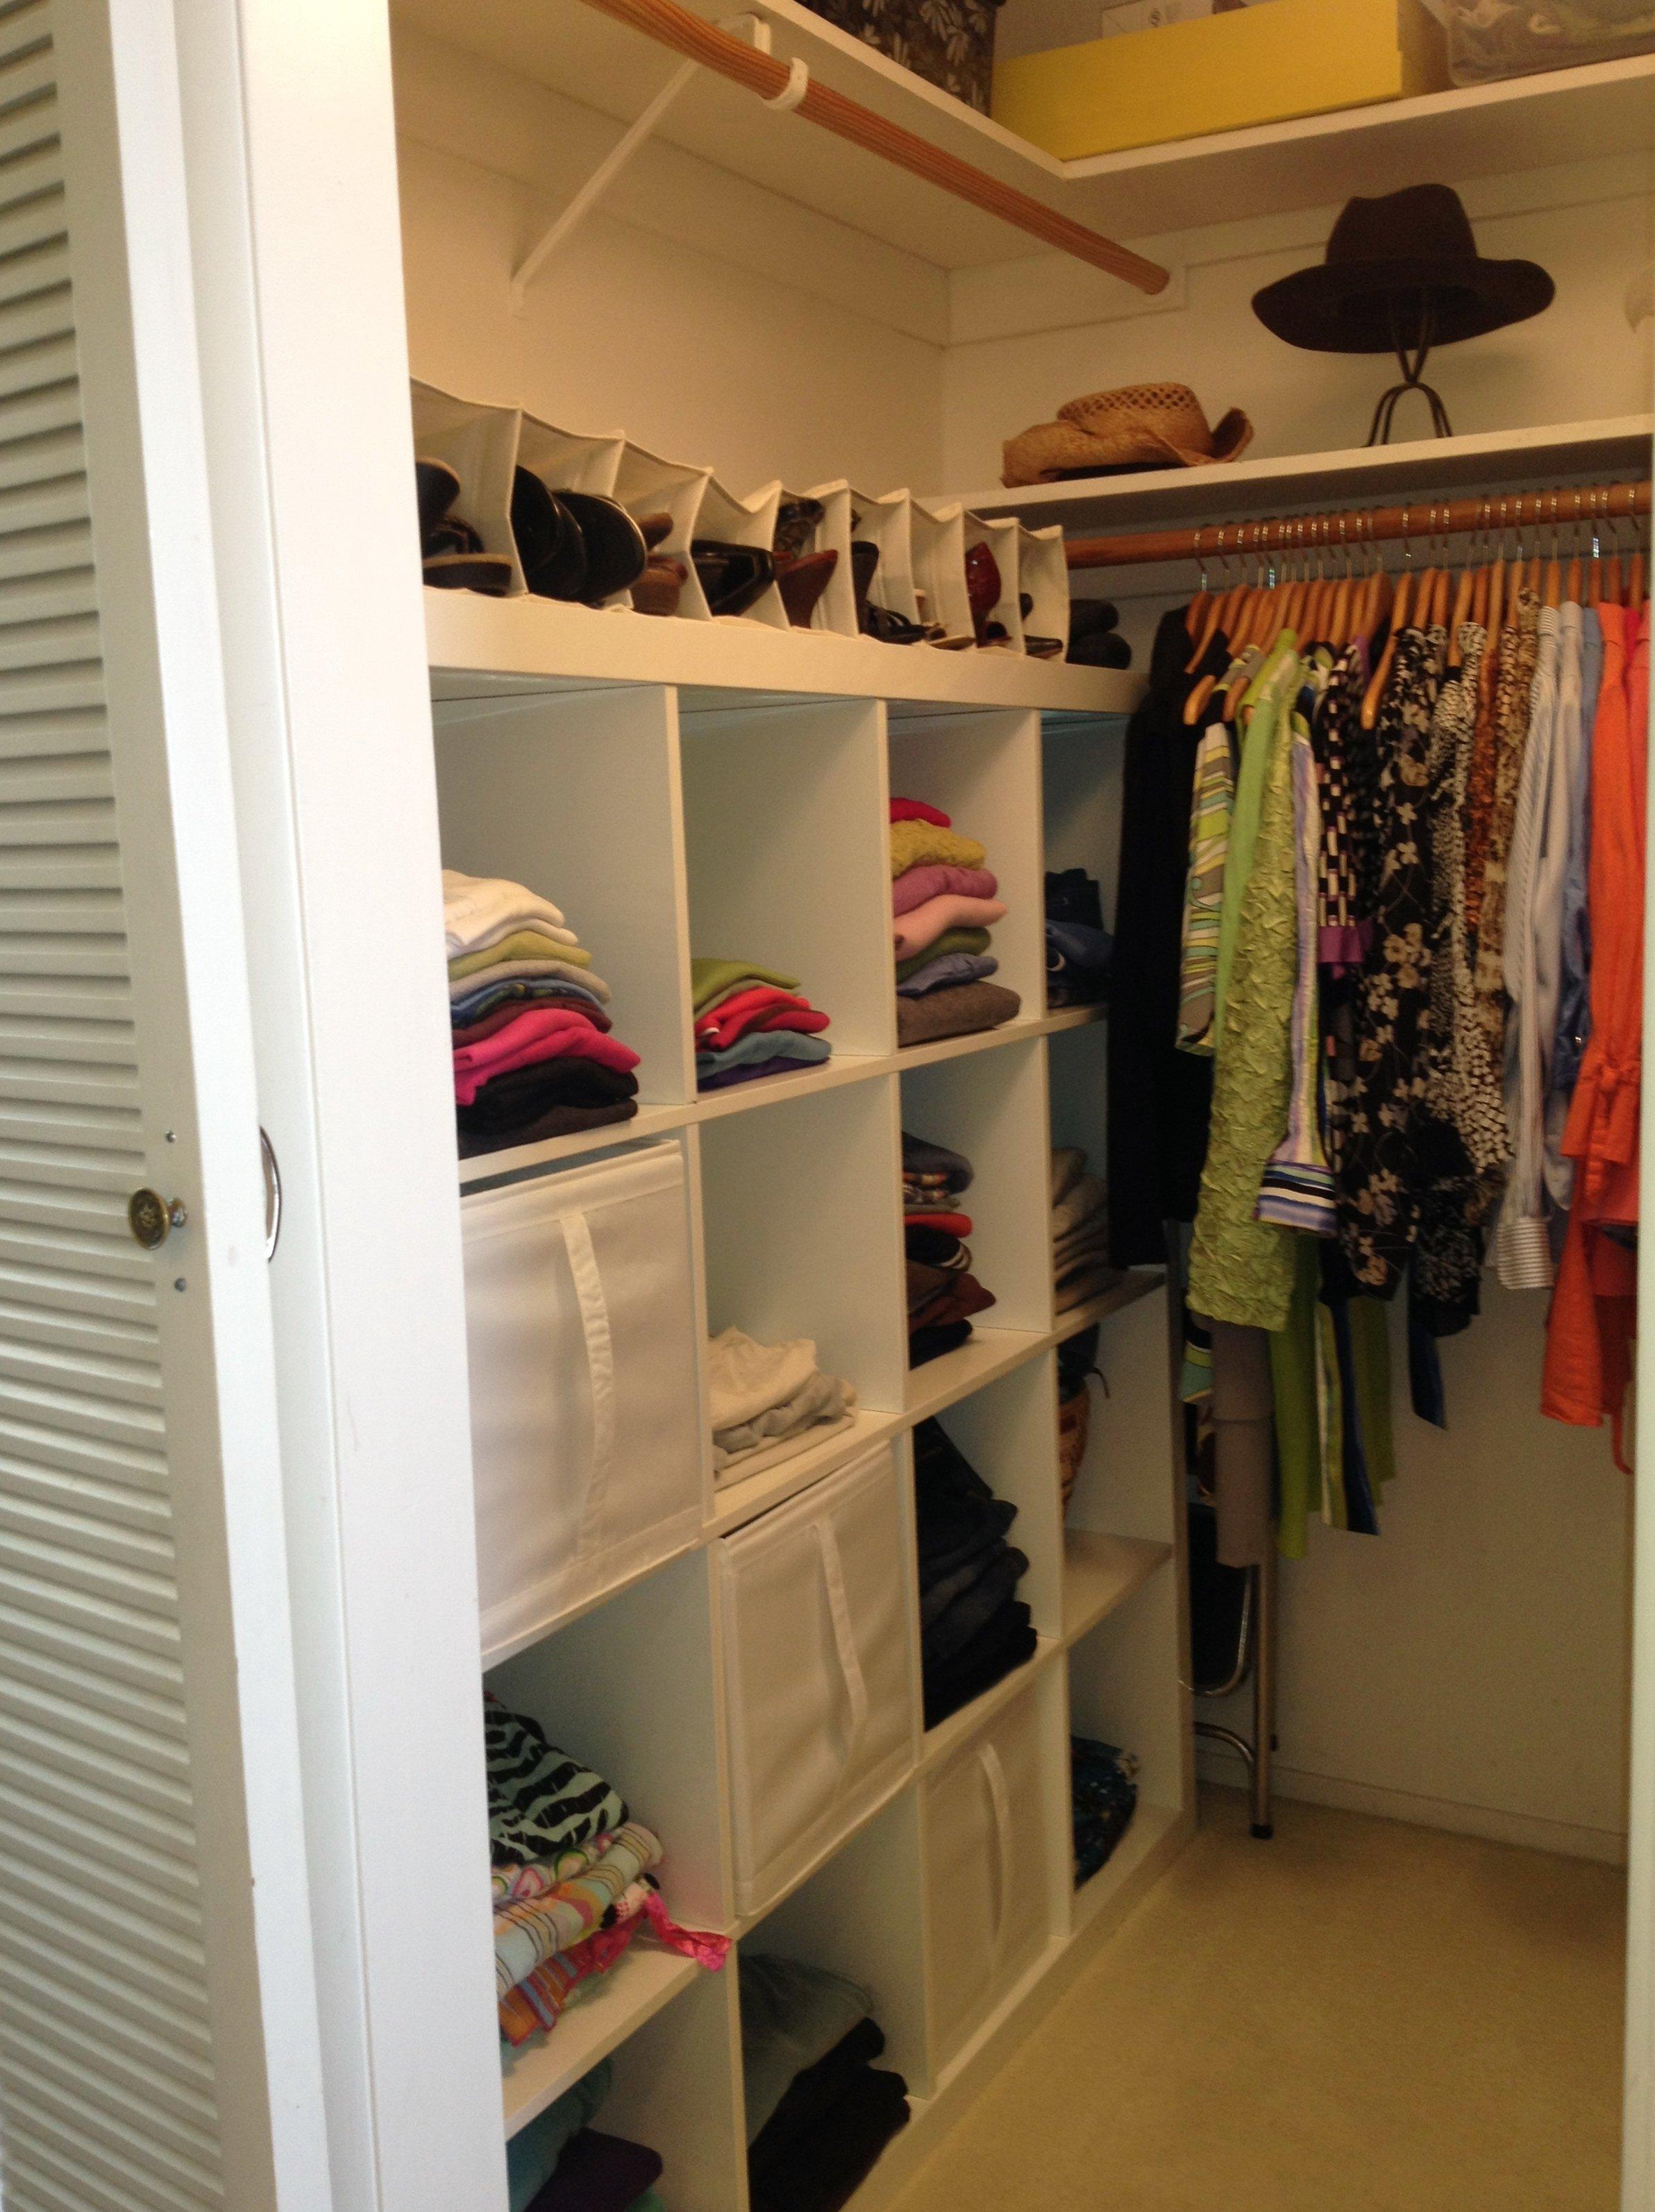 10 Attractive Closet Organization Ideas For Small Closets decorating ideas concept closet organization ideas for small walk 2021